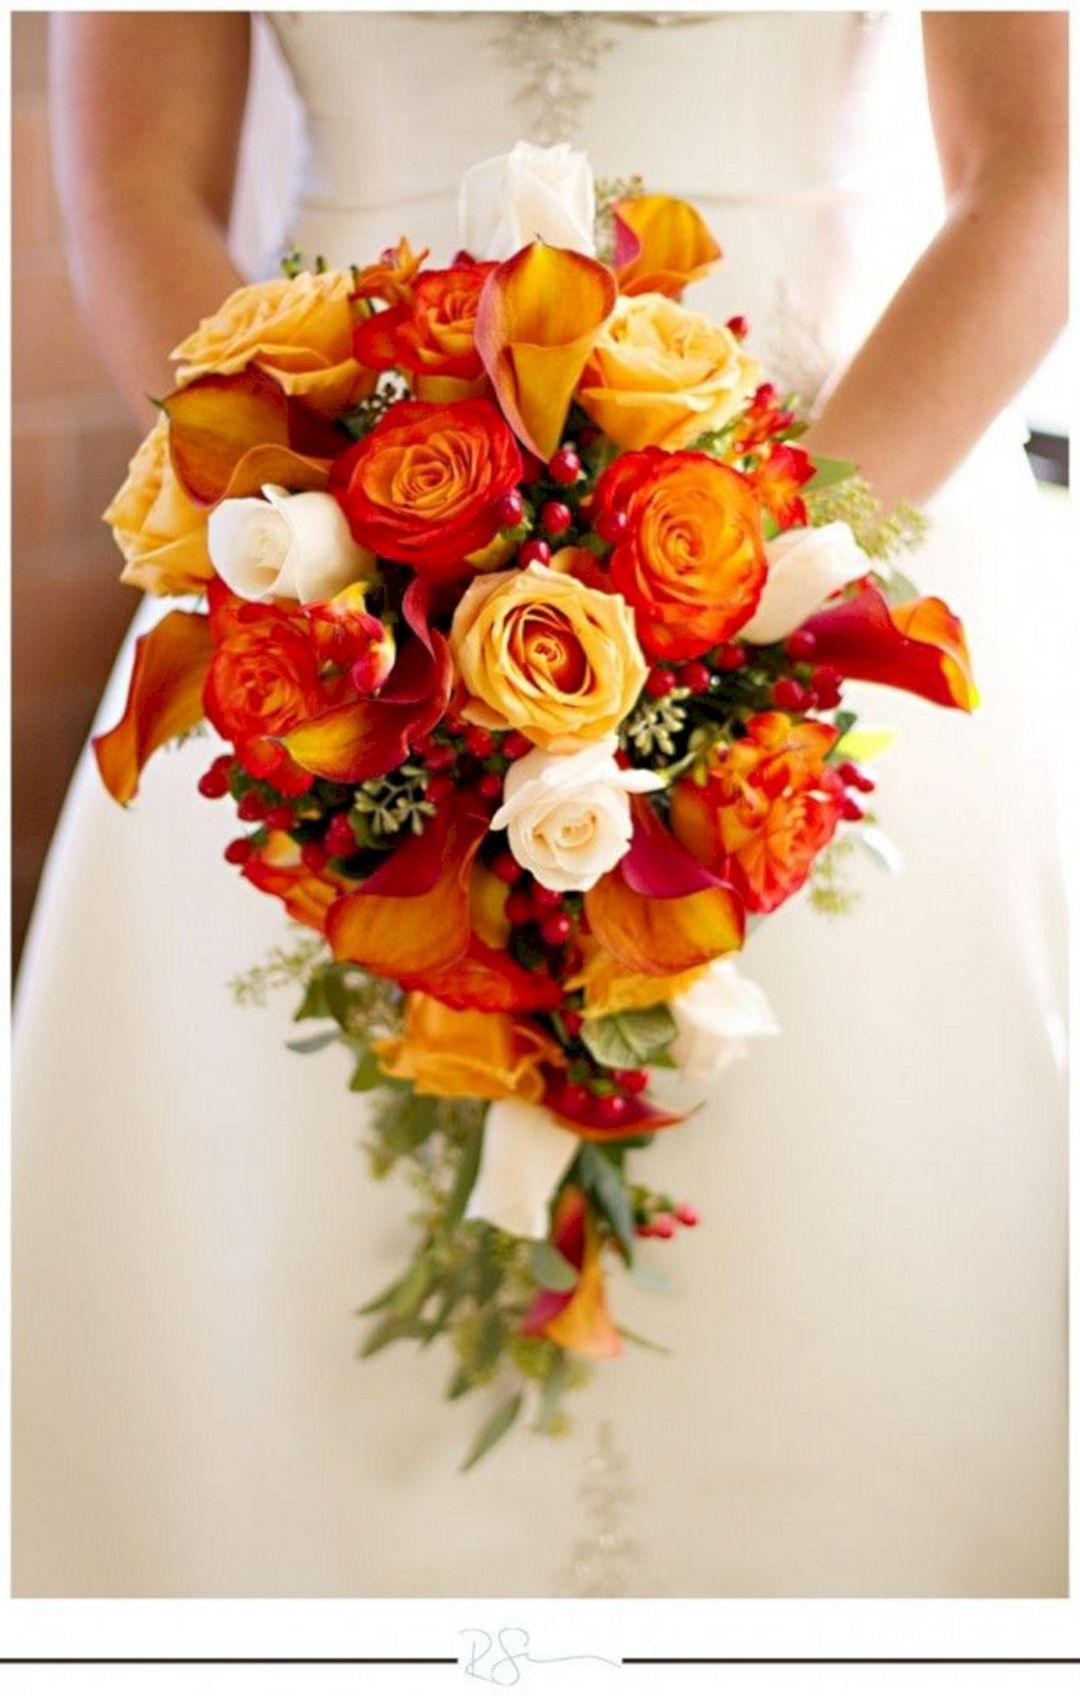 23 Gorgeous Fall Wedding Bouquet Ideas For Your Wedding #fallweddingideas